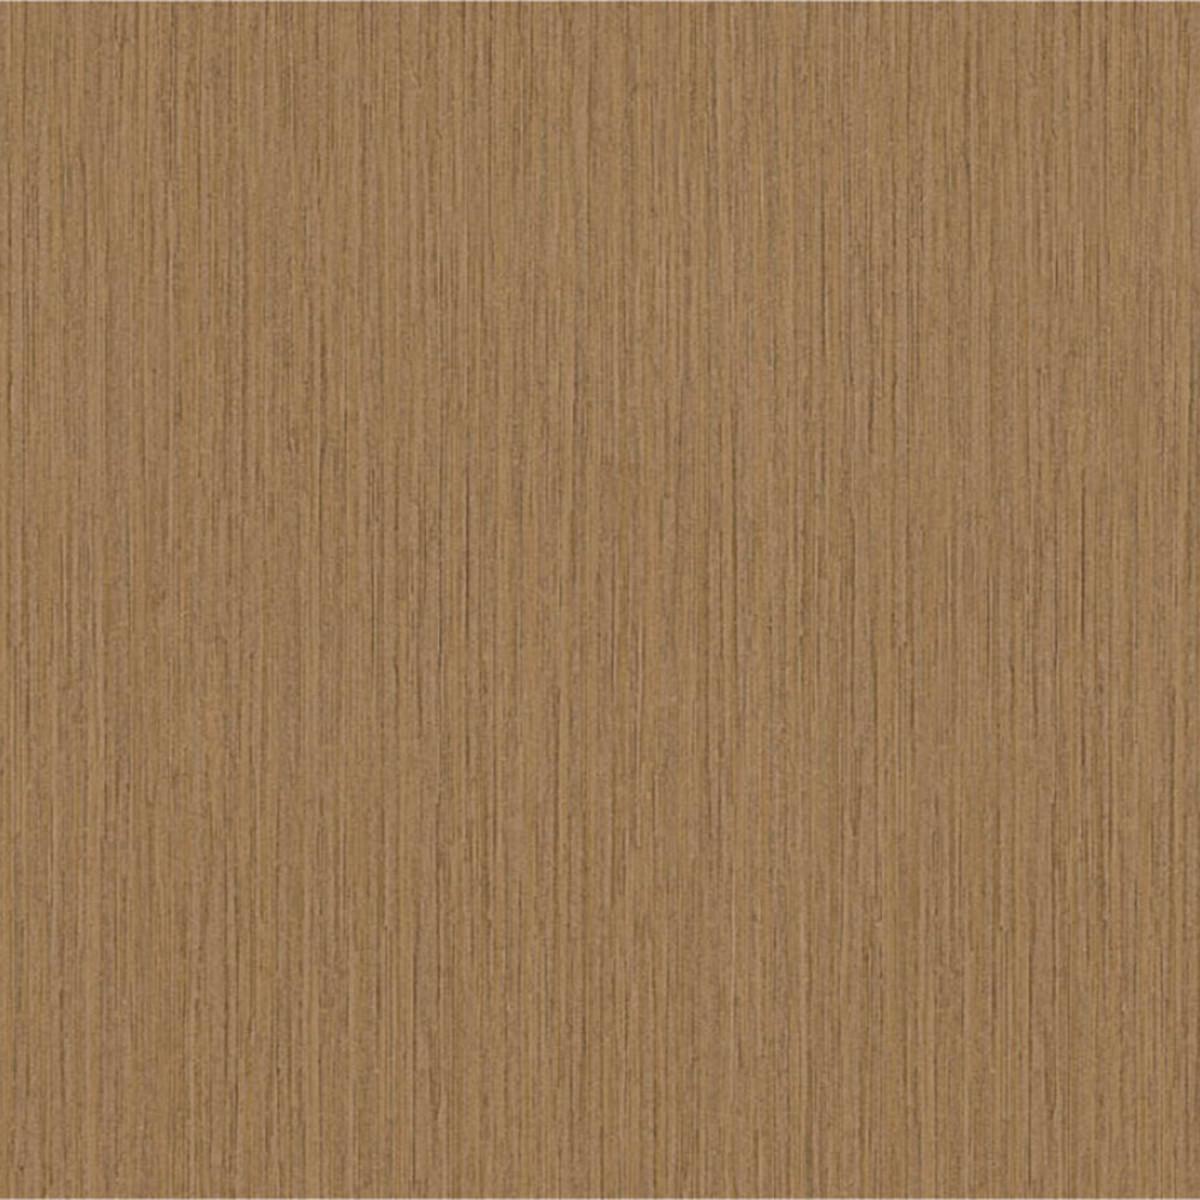 Обои флизелиновые A.S. Creation Versace II коричневые 0.70 м 96228-1